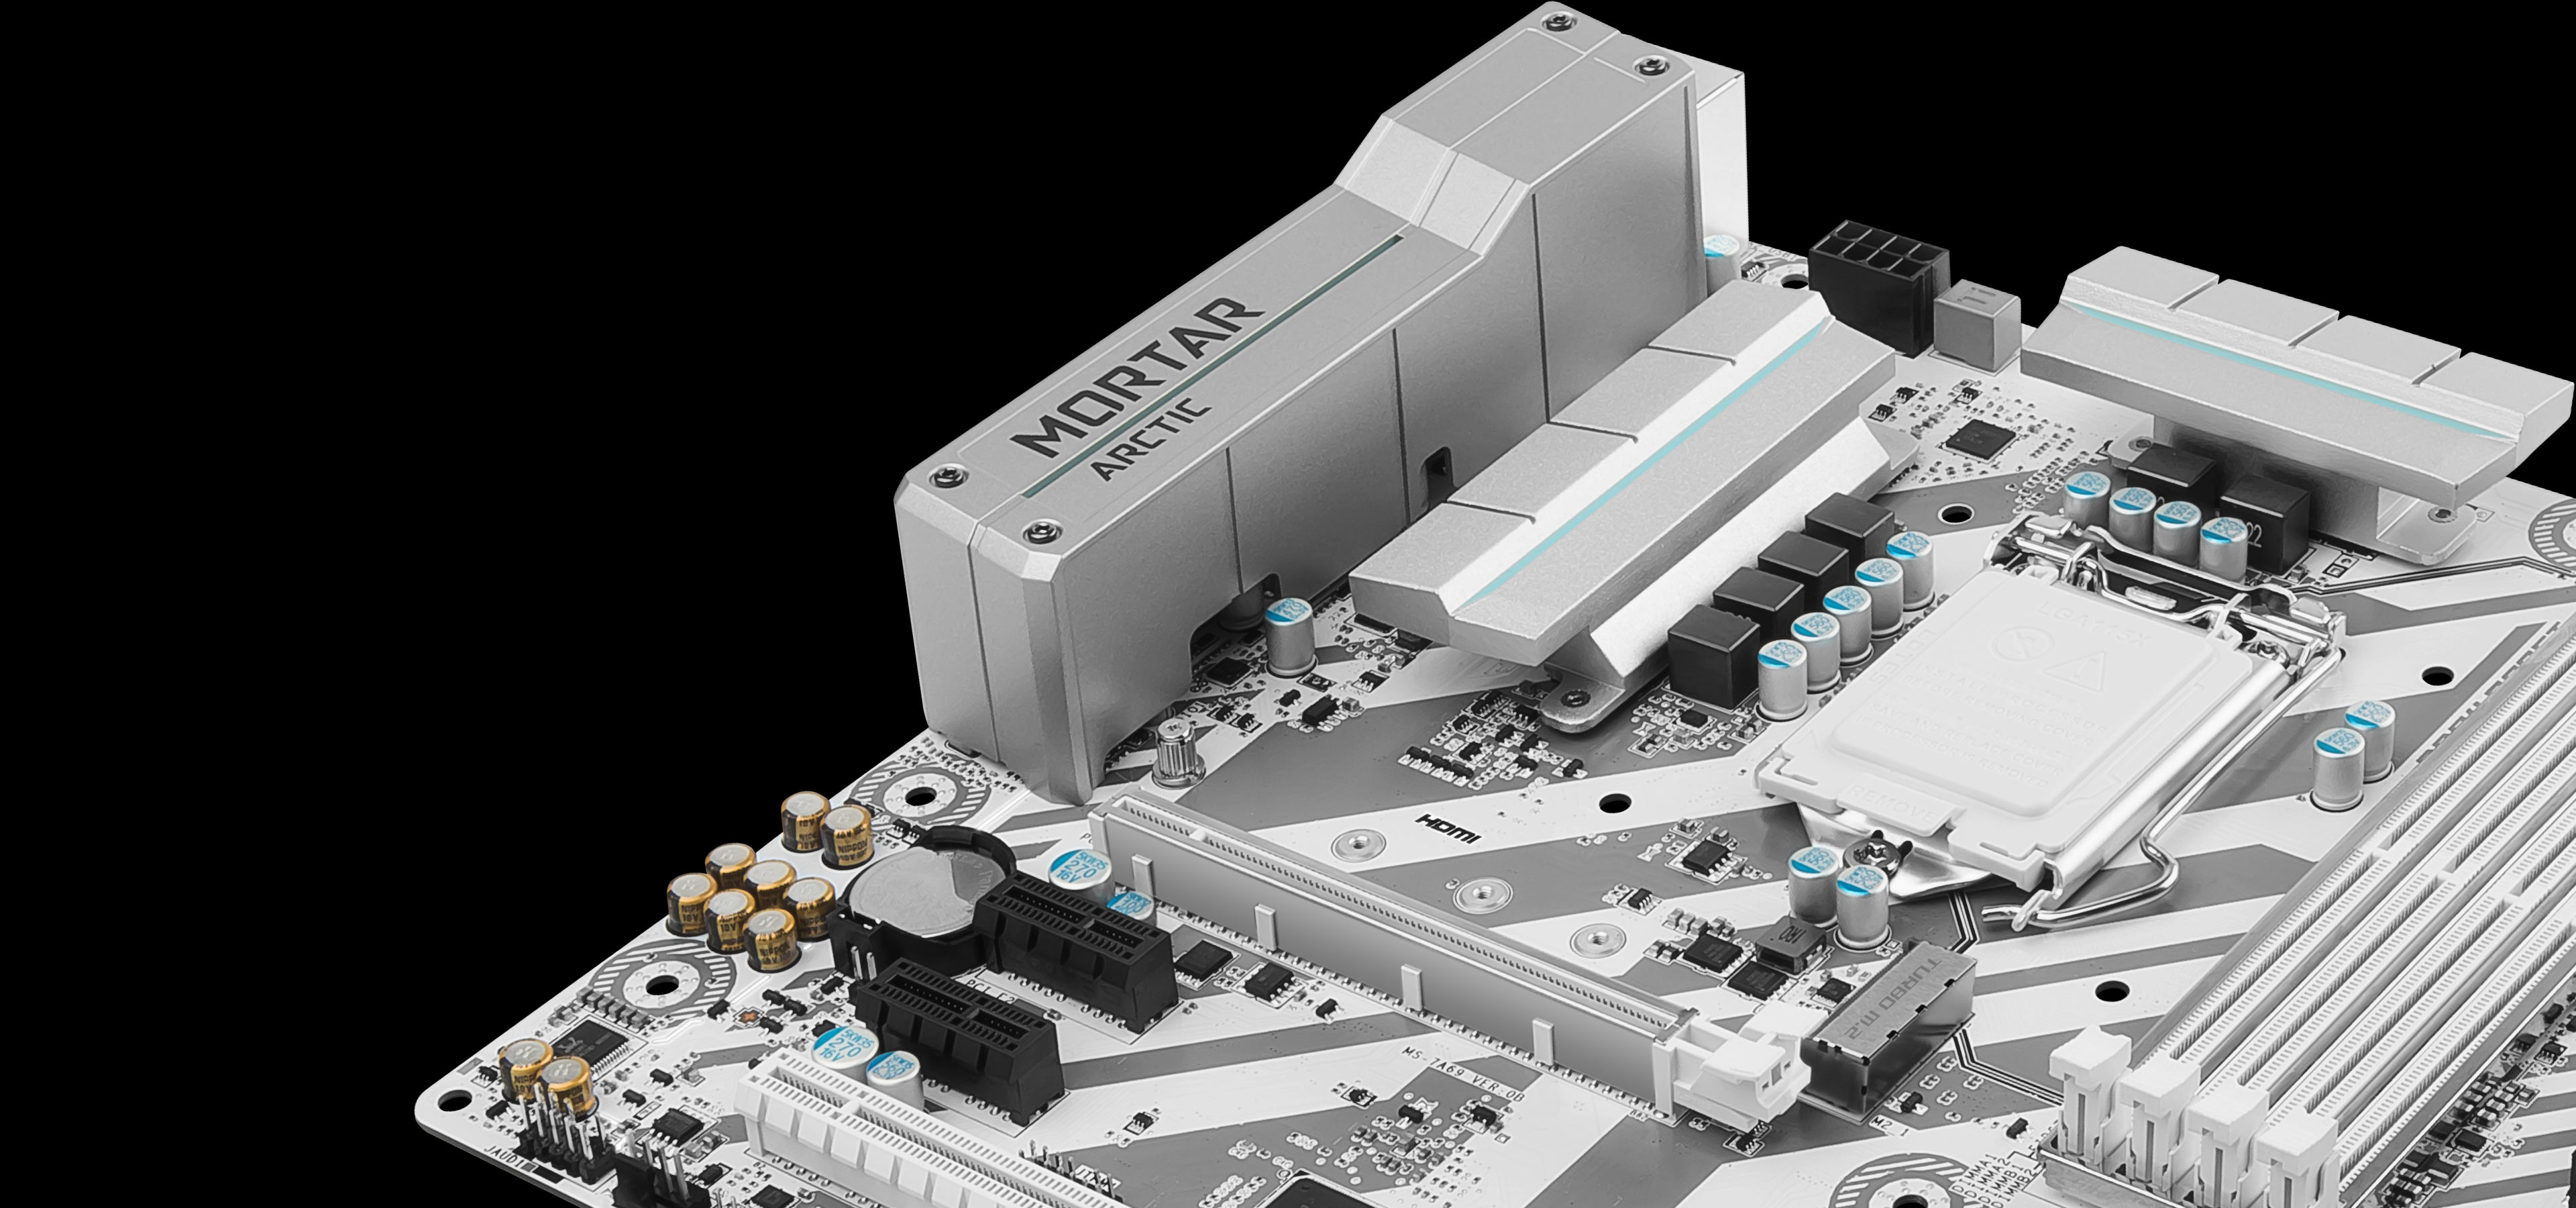 MSI B250M MORTAR ARCTIC Gaming Motherboard